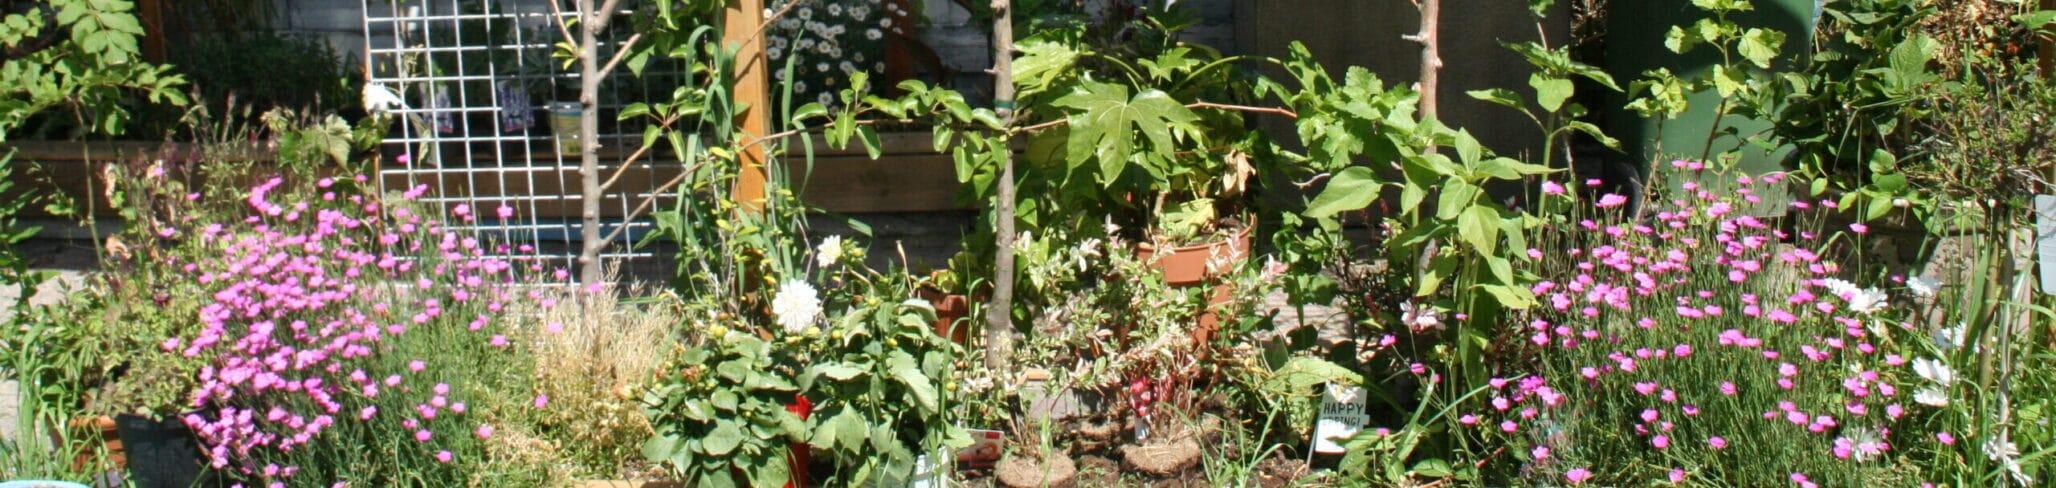 Slimme tuin